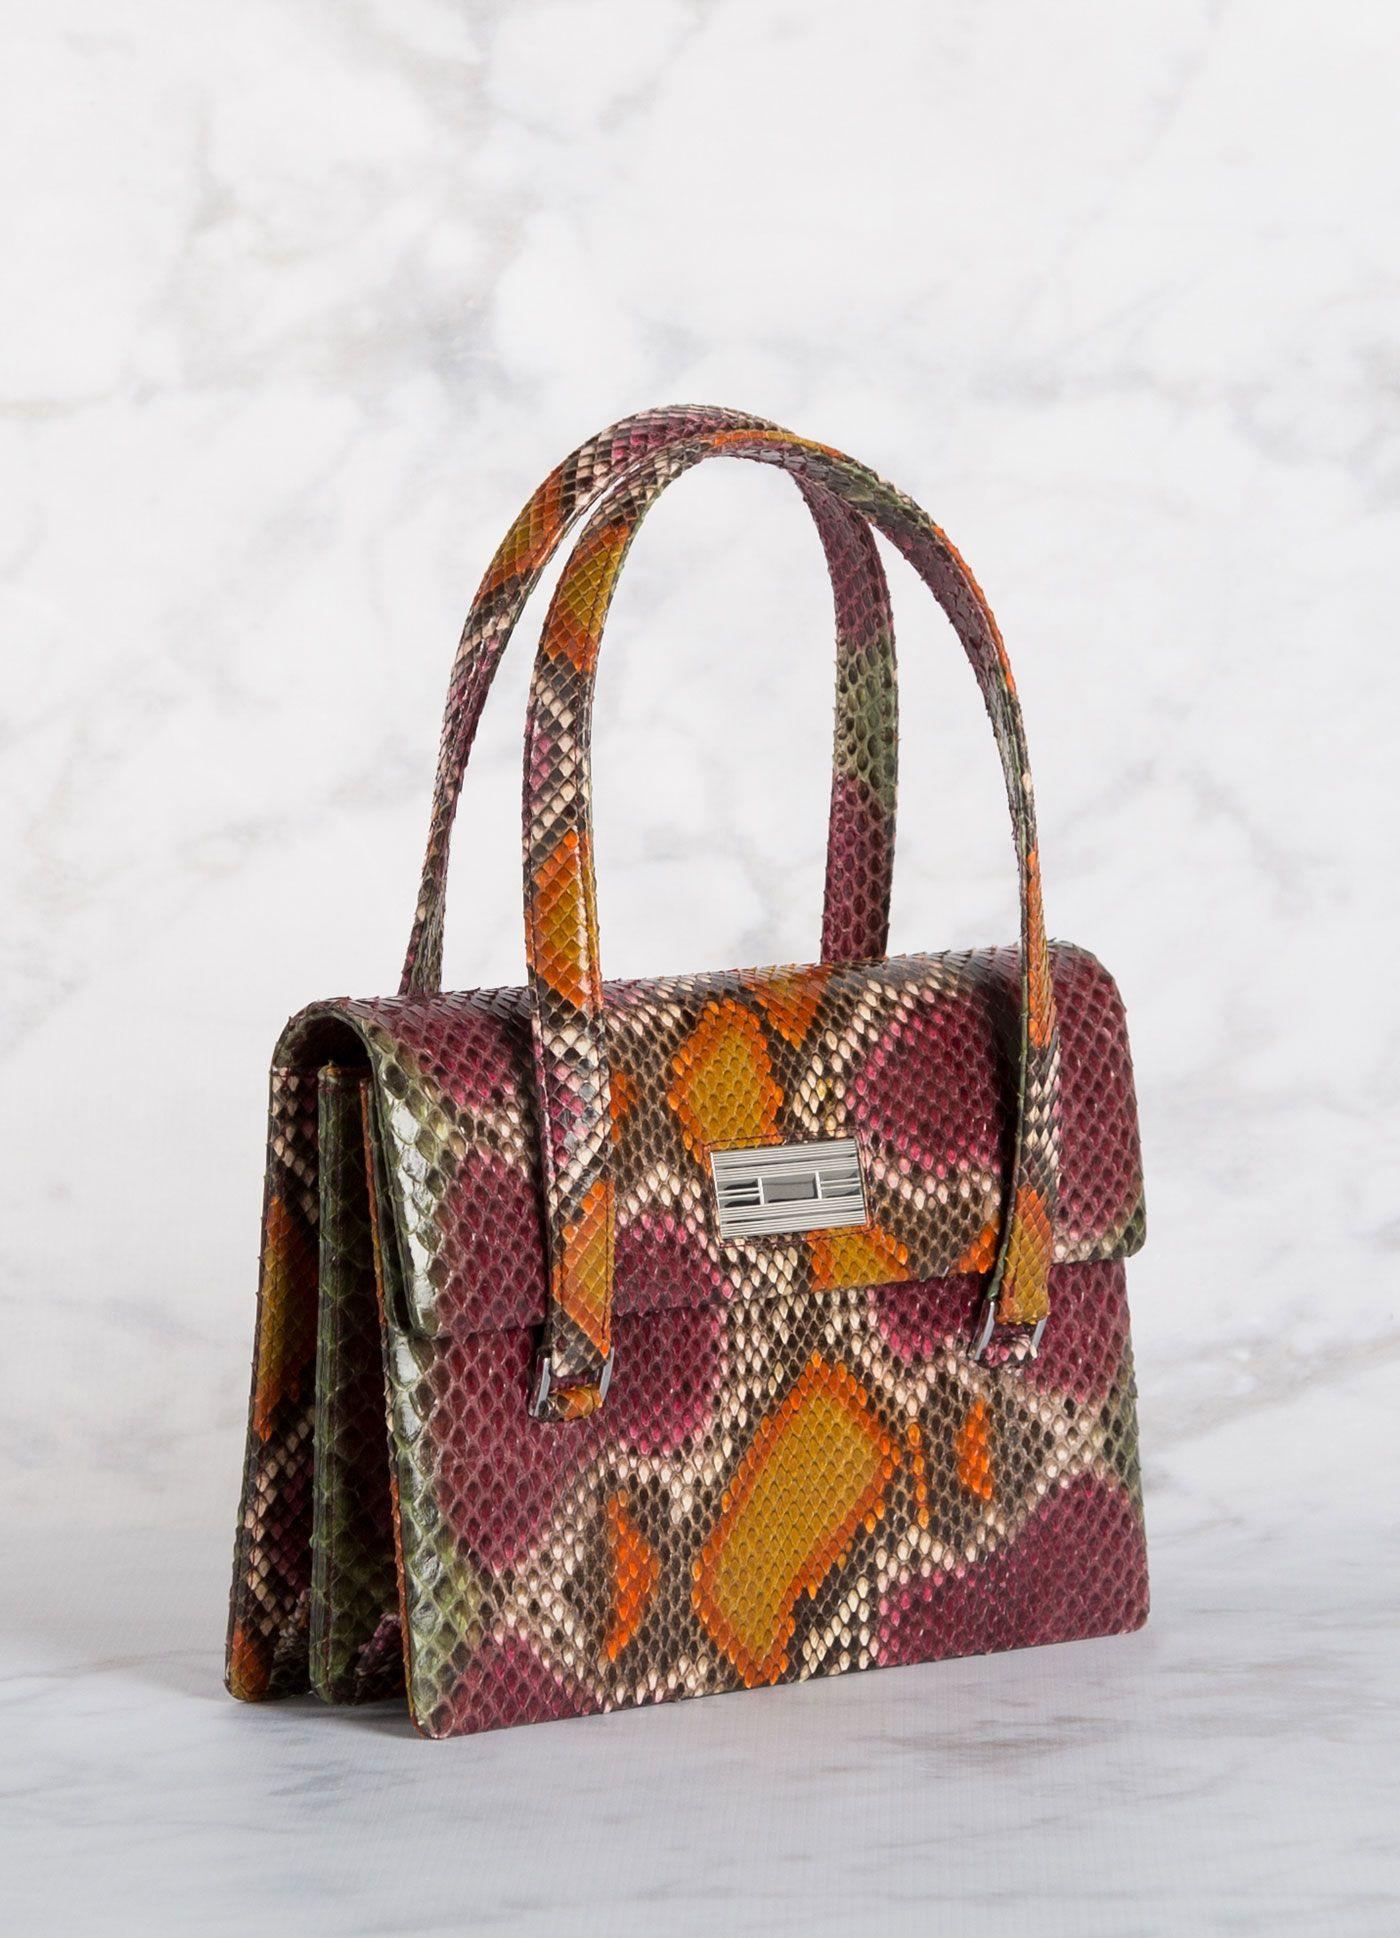 Python Monogram Handbag Designer Handbags Couture Bags Purses